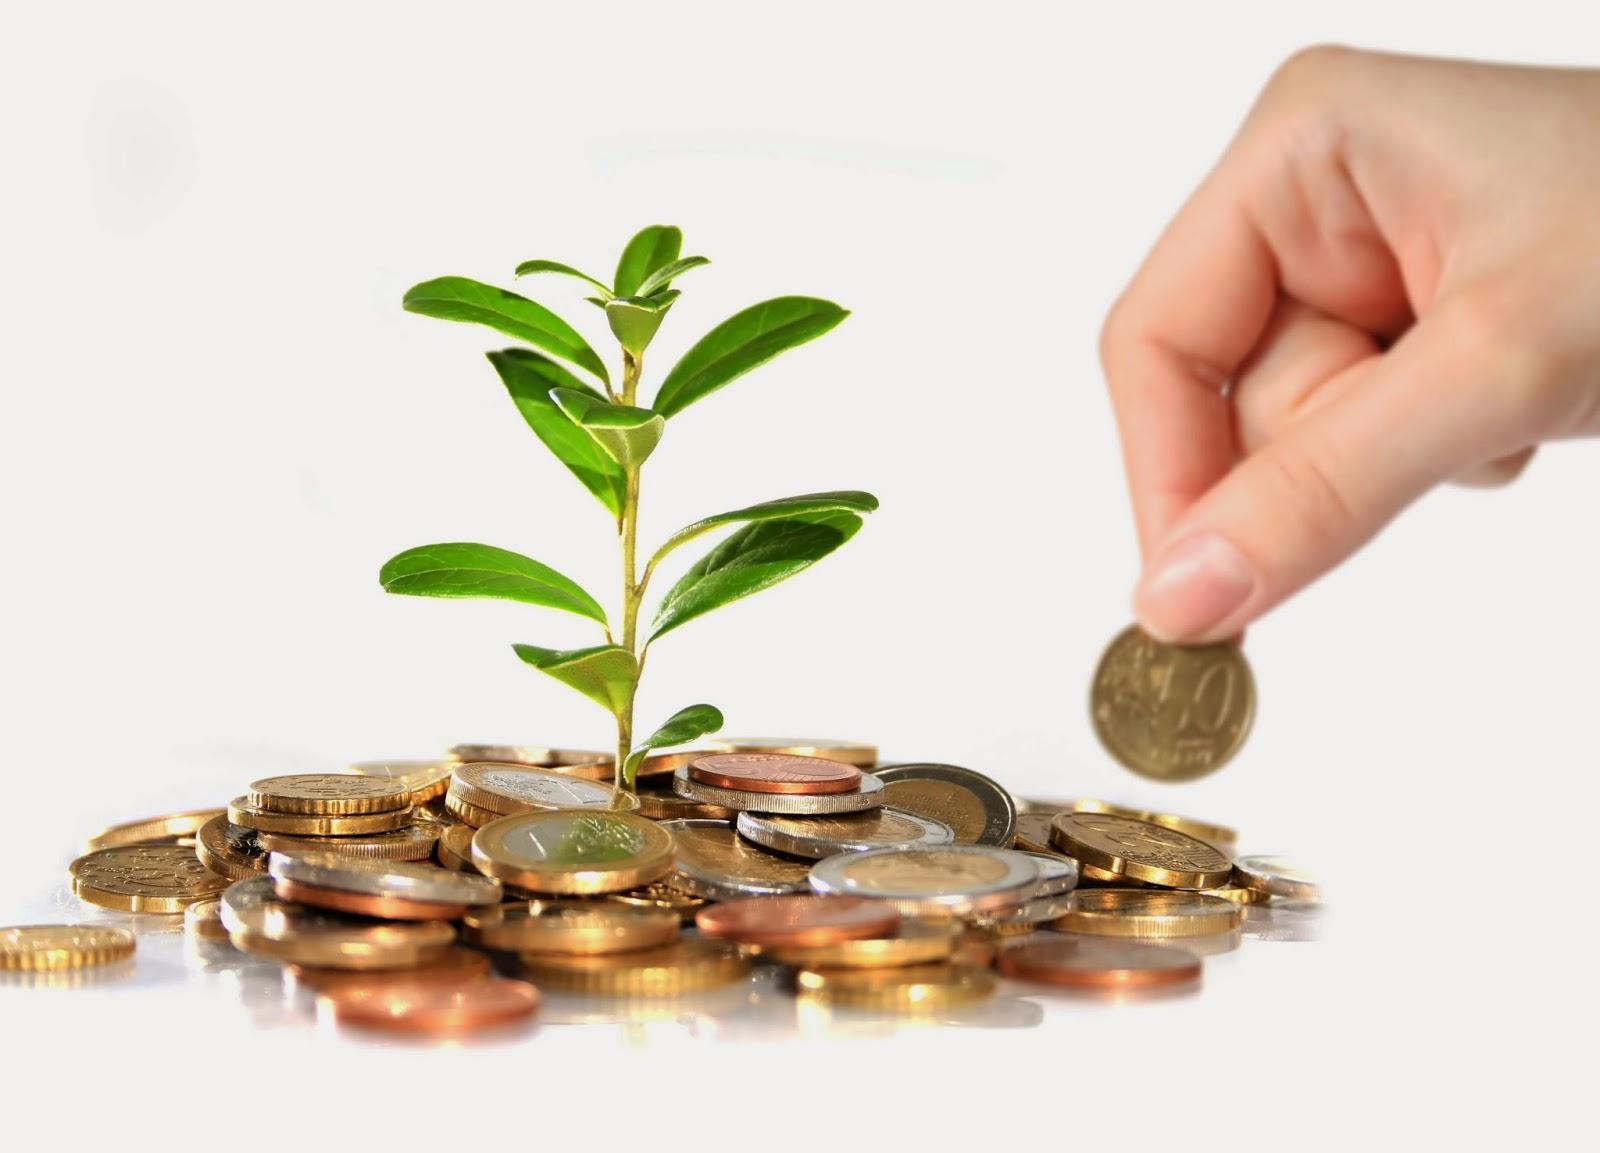 Cơ hội để doanh nghiệp cải thiện hiệu quả kinh doanh